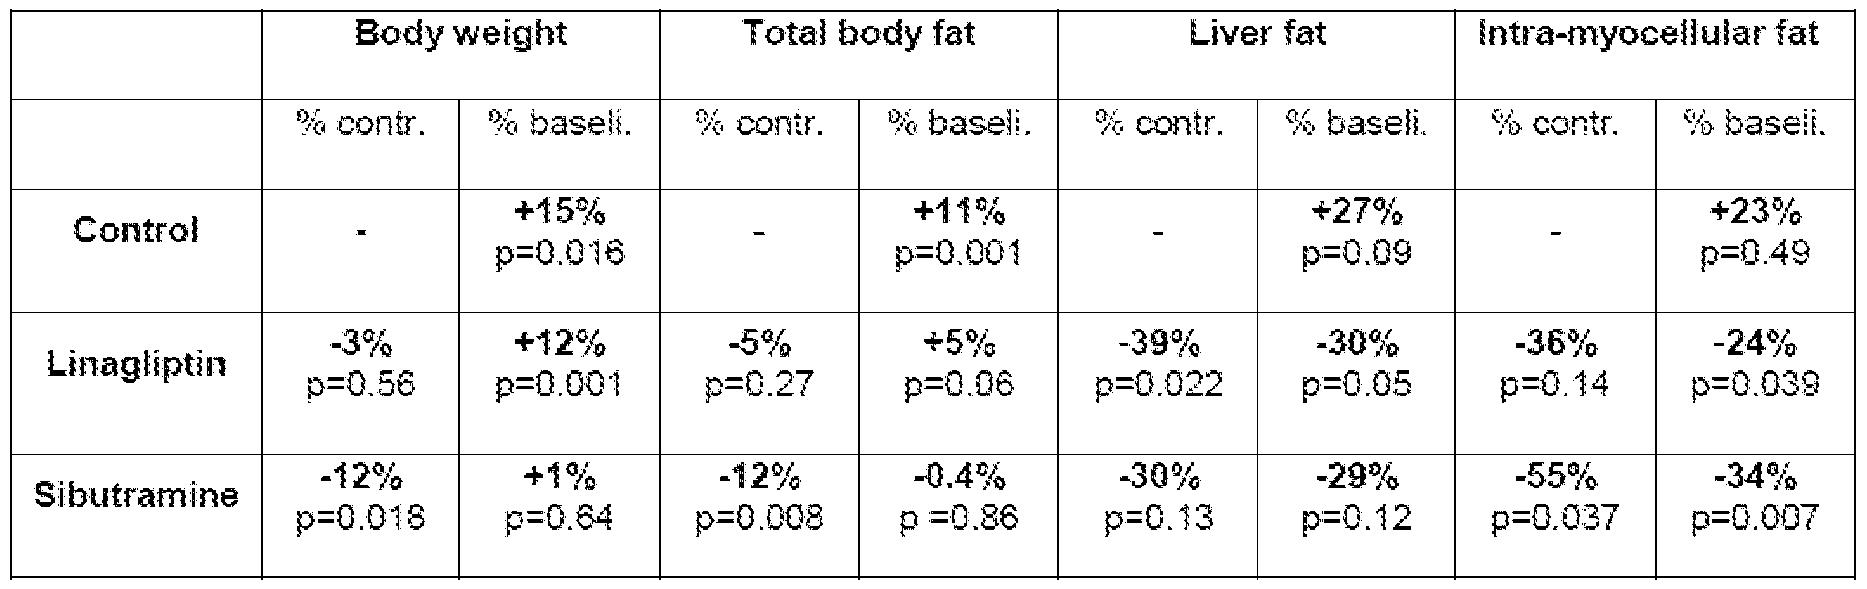 Diabetes mellitus type 2 lipid profile